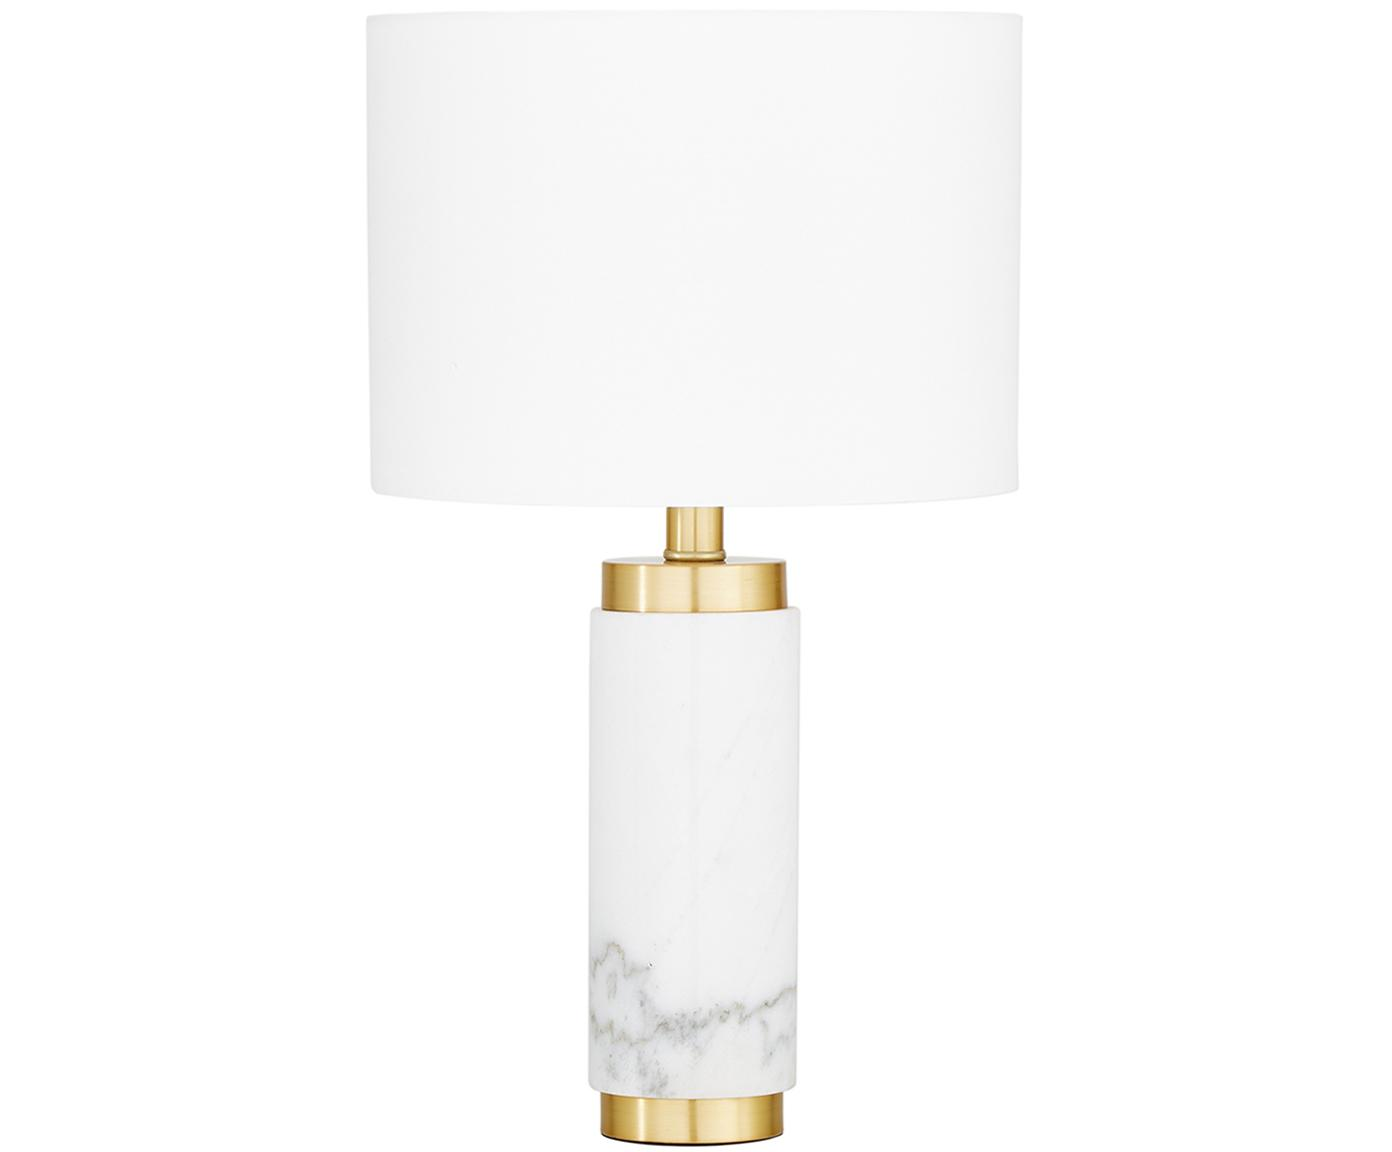 Marmor-Tischleuchte Miranda, Lampenschirm: Textil, Lampenfuß: Marmor, Messing, gebürste, Weiß,Messingfarben, Ø 28 x H 48 cm